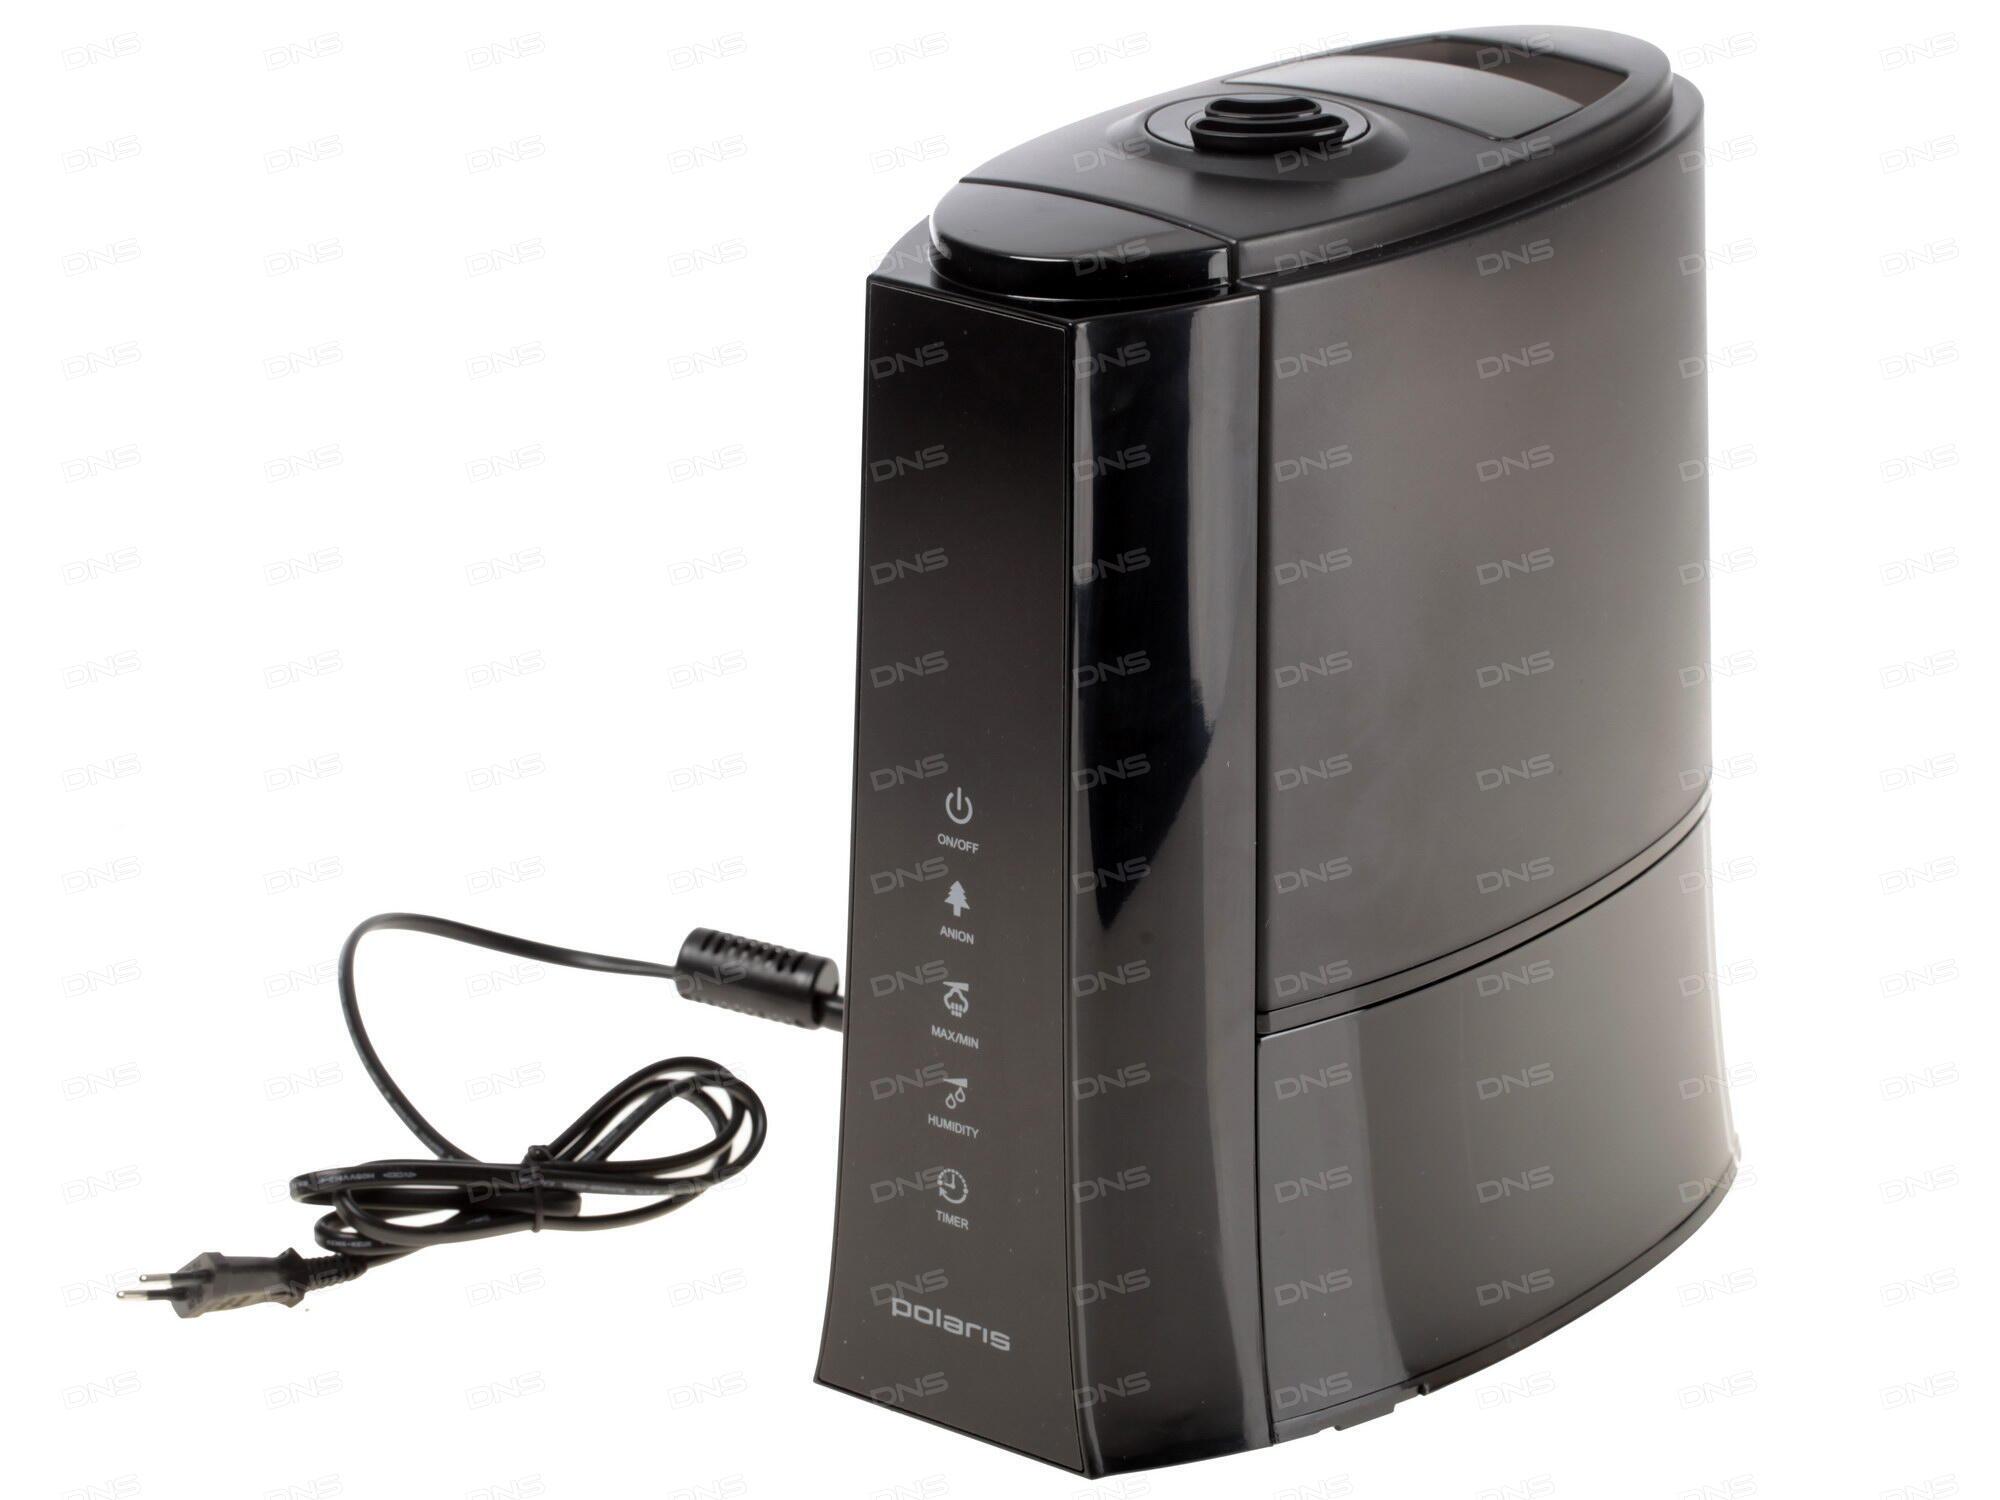 Ультразвуковой увлажнитель воздуха Polaris PUH 4405D   Отзывы покупателей